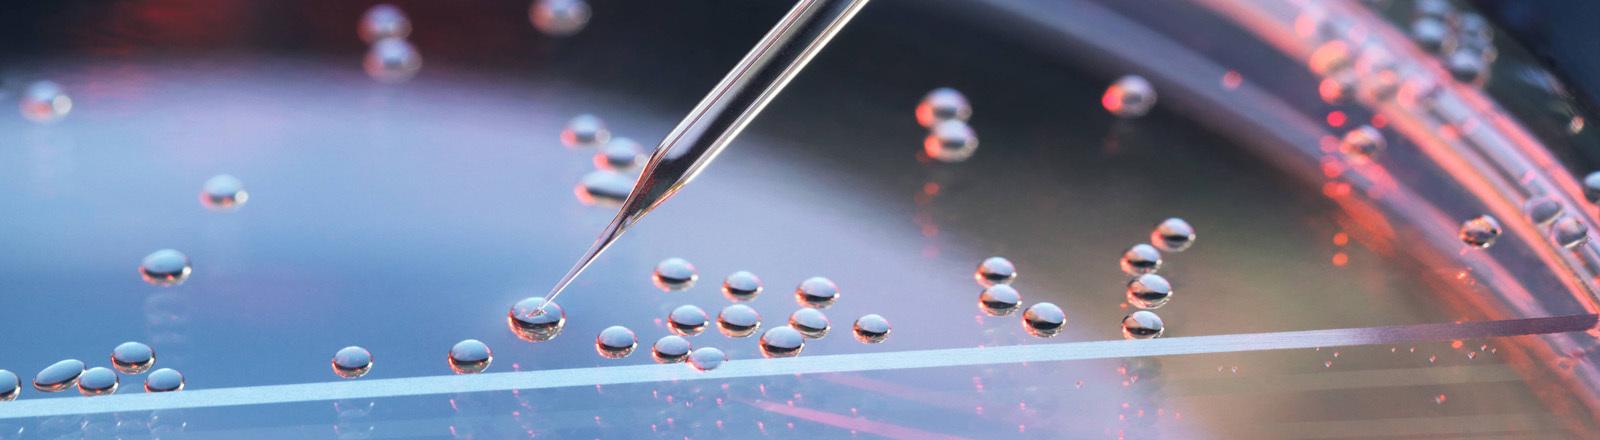 Stammzellen werden untersucht